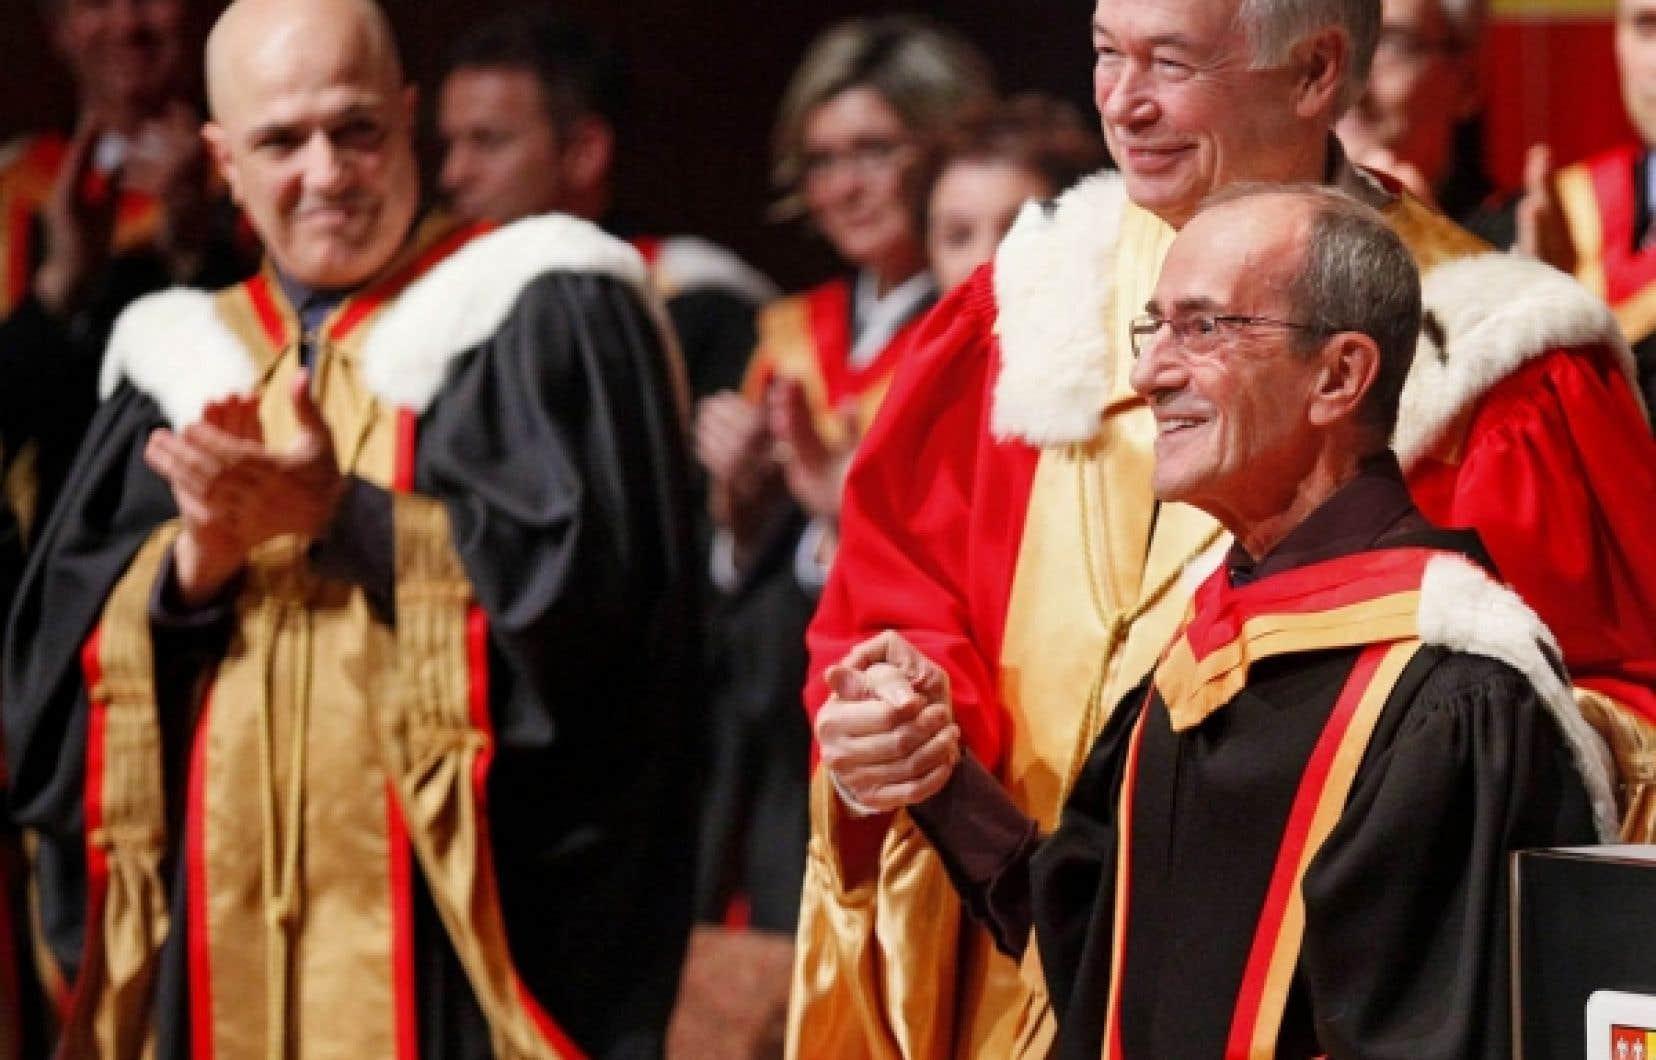 Gilles Kègle, en compagnie du recteur de l'Université Laval, Daniel Brière, estime qu'il «faudrait en faire au moins dix fois plus» pour répondre aux demandes des démunis.